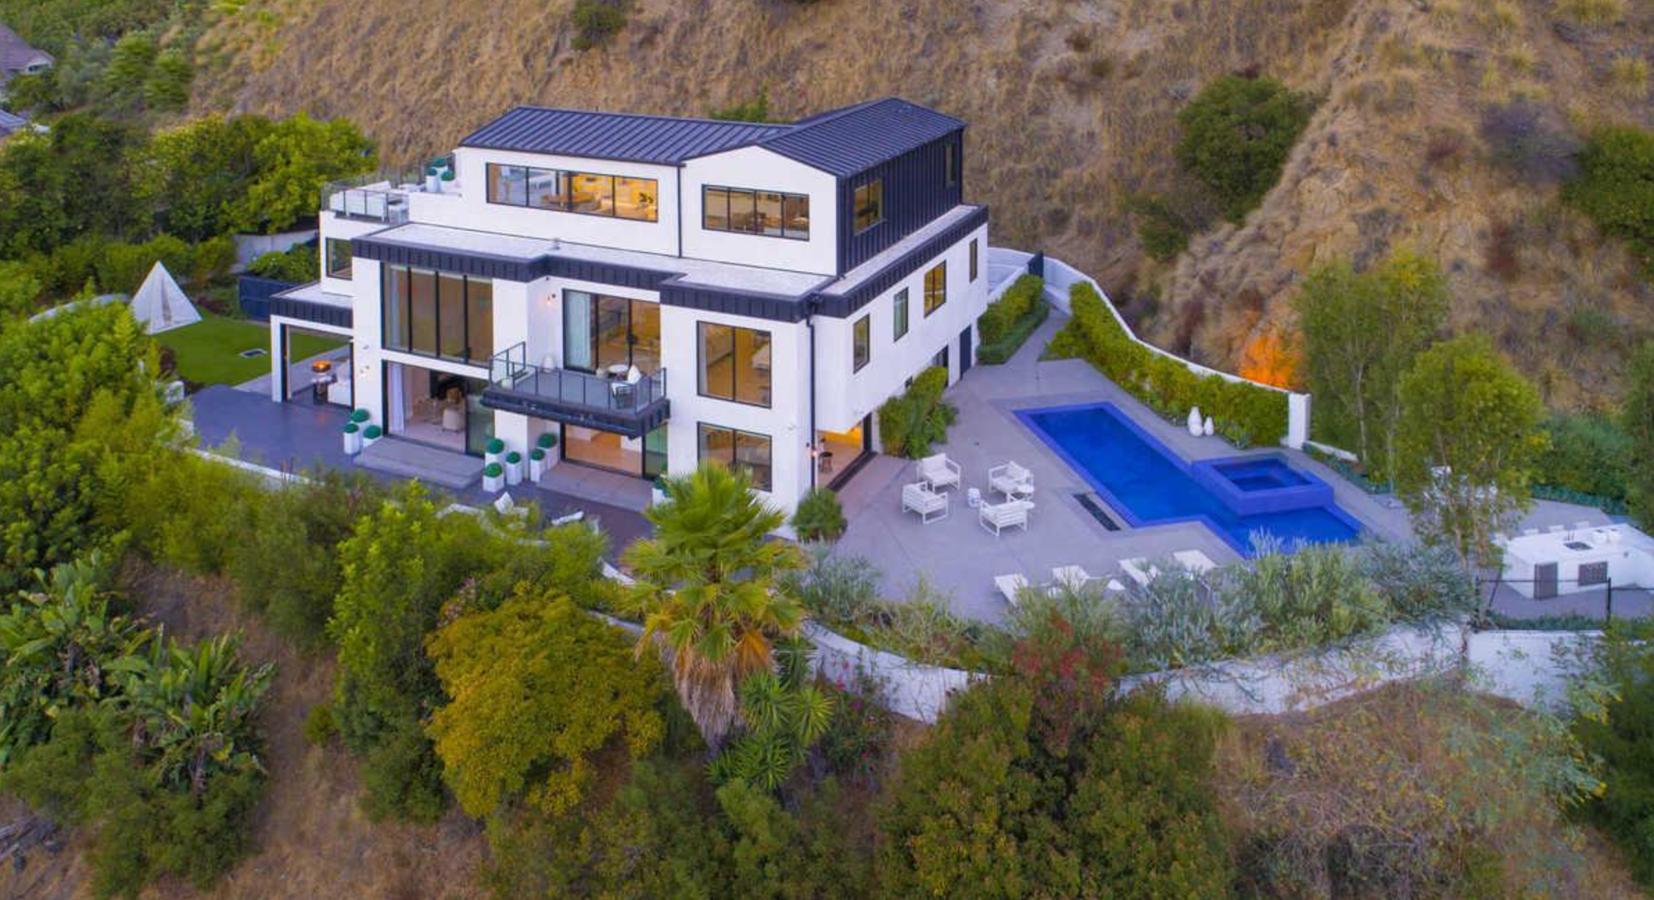 Vista aerea de la casa de Demi Lovato en Los Angeles. Una casa moderna y muy tranquila